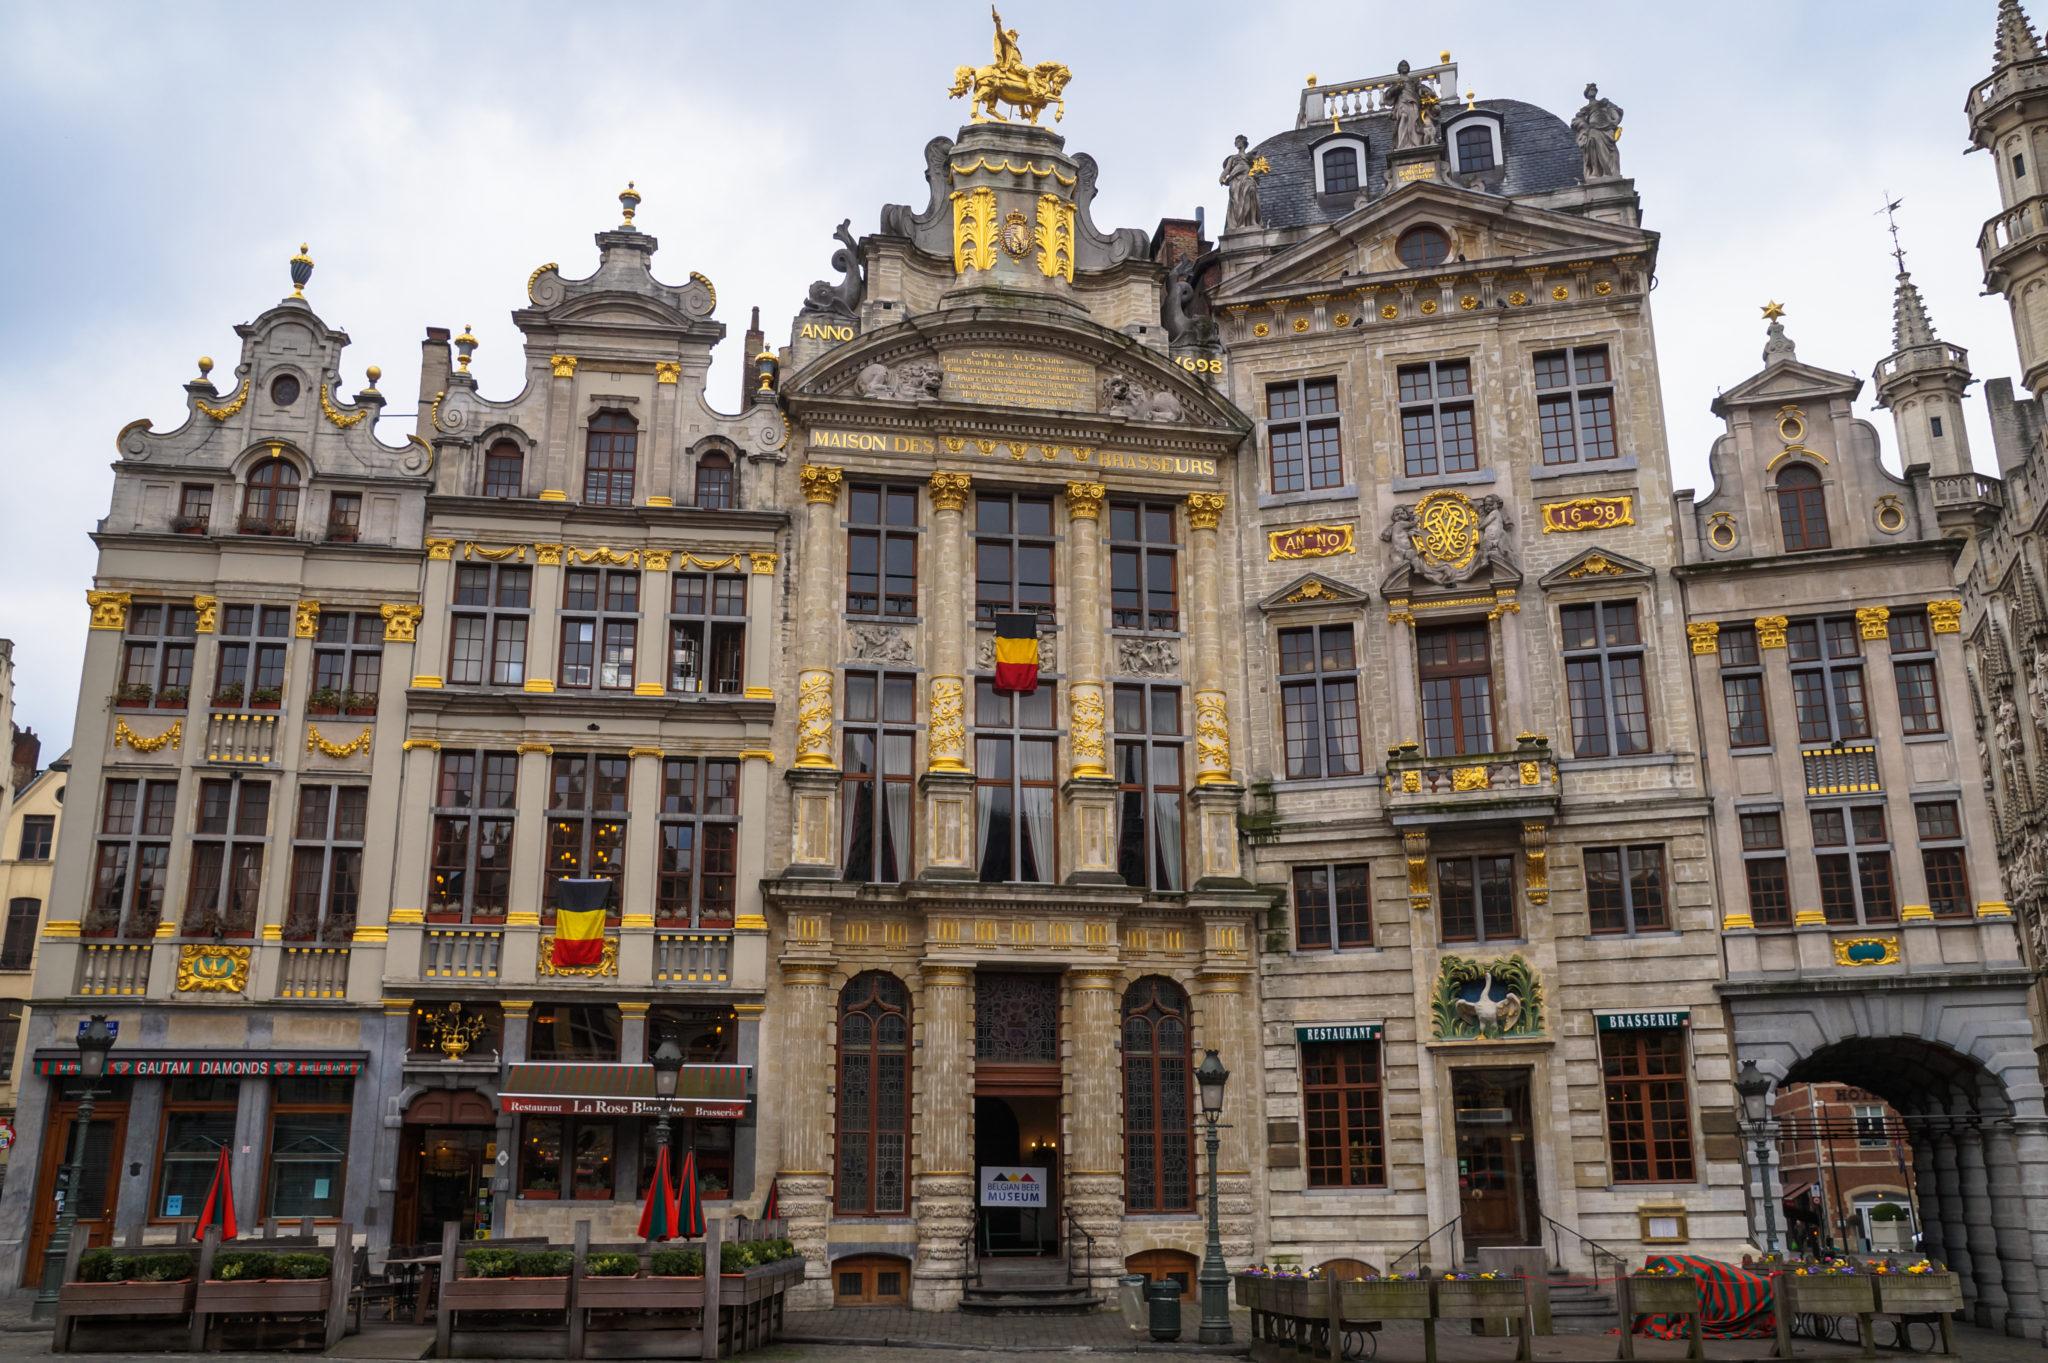 Hema_Bruxelles_Maison_des_brasseurs